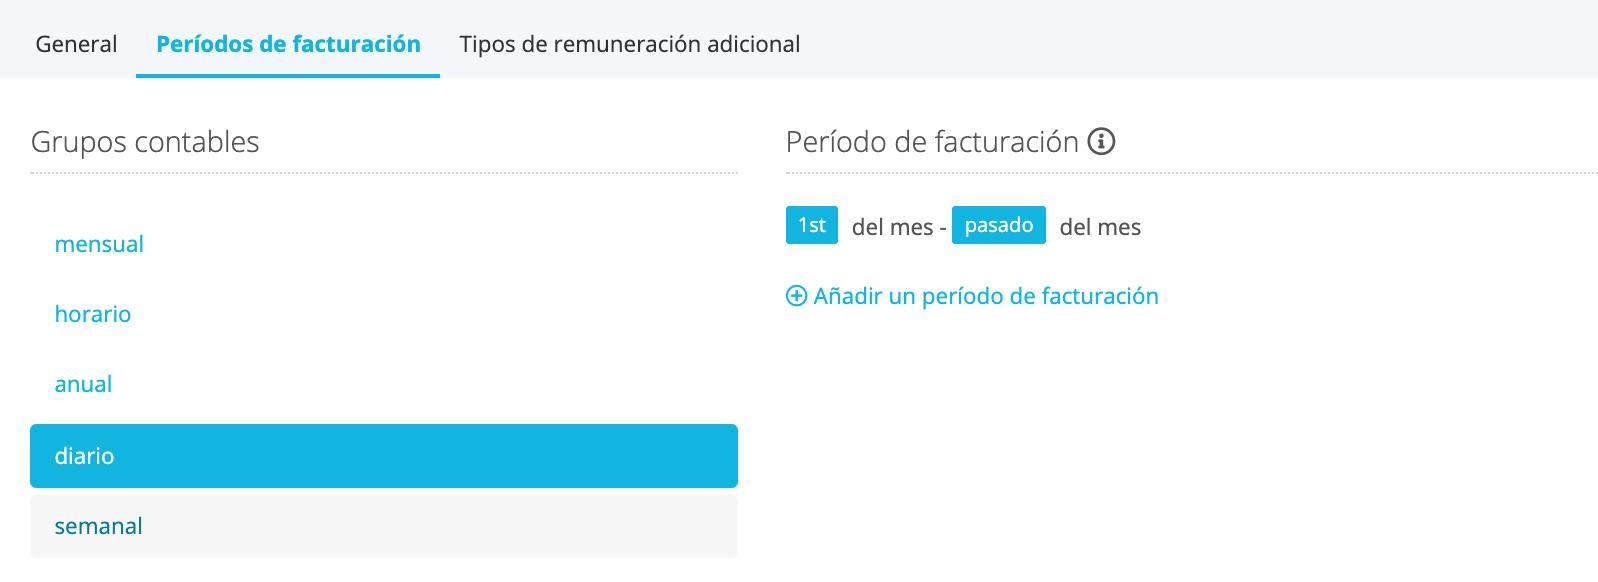 Salary-Hourlysalary-Accountinggroup_es.png